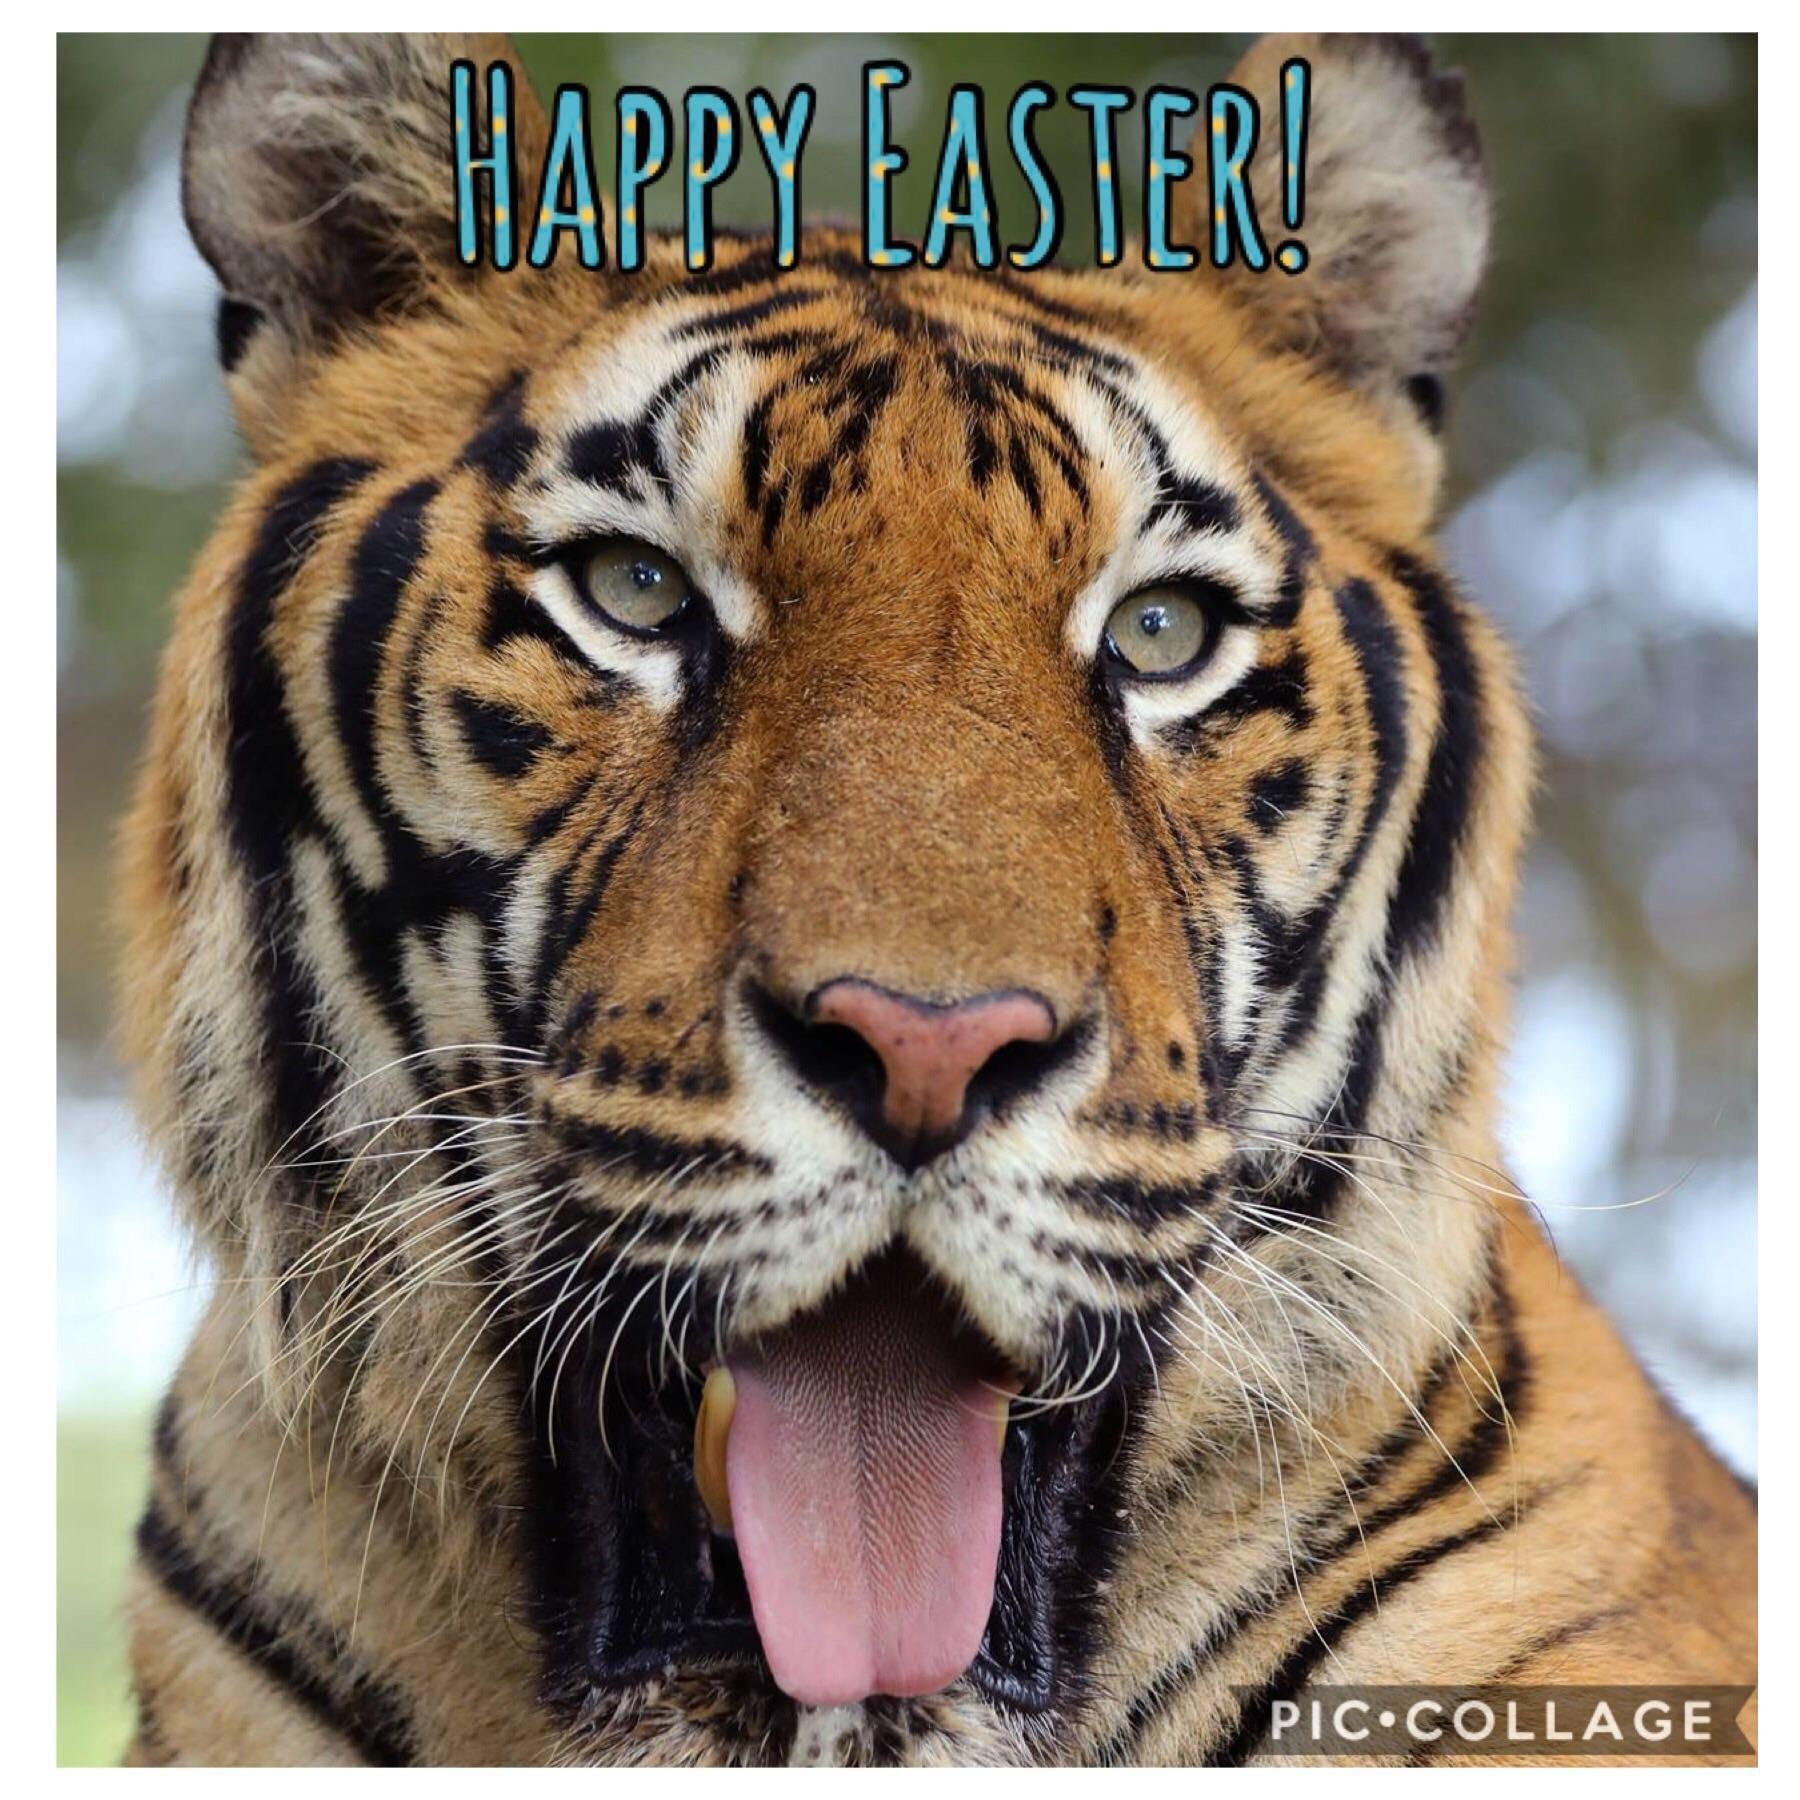 Good morning Reddit! Handsome Hoover Tiger would like to